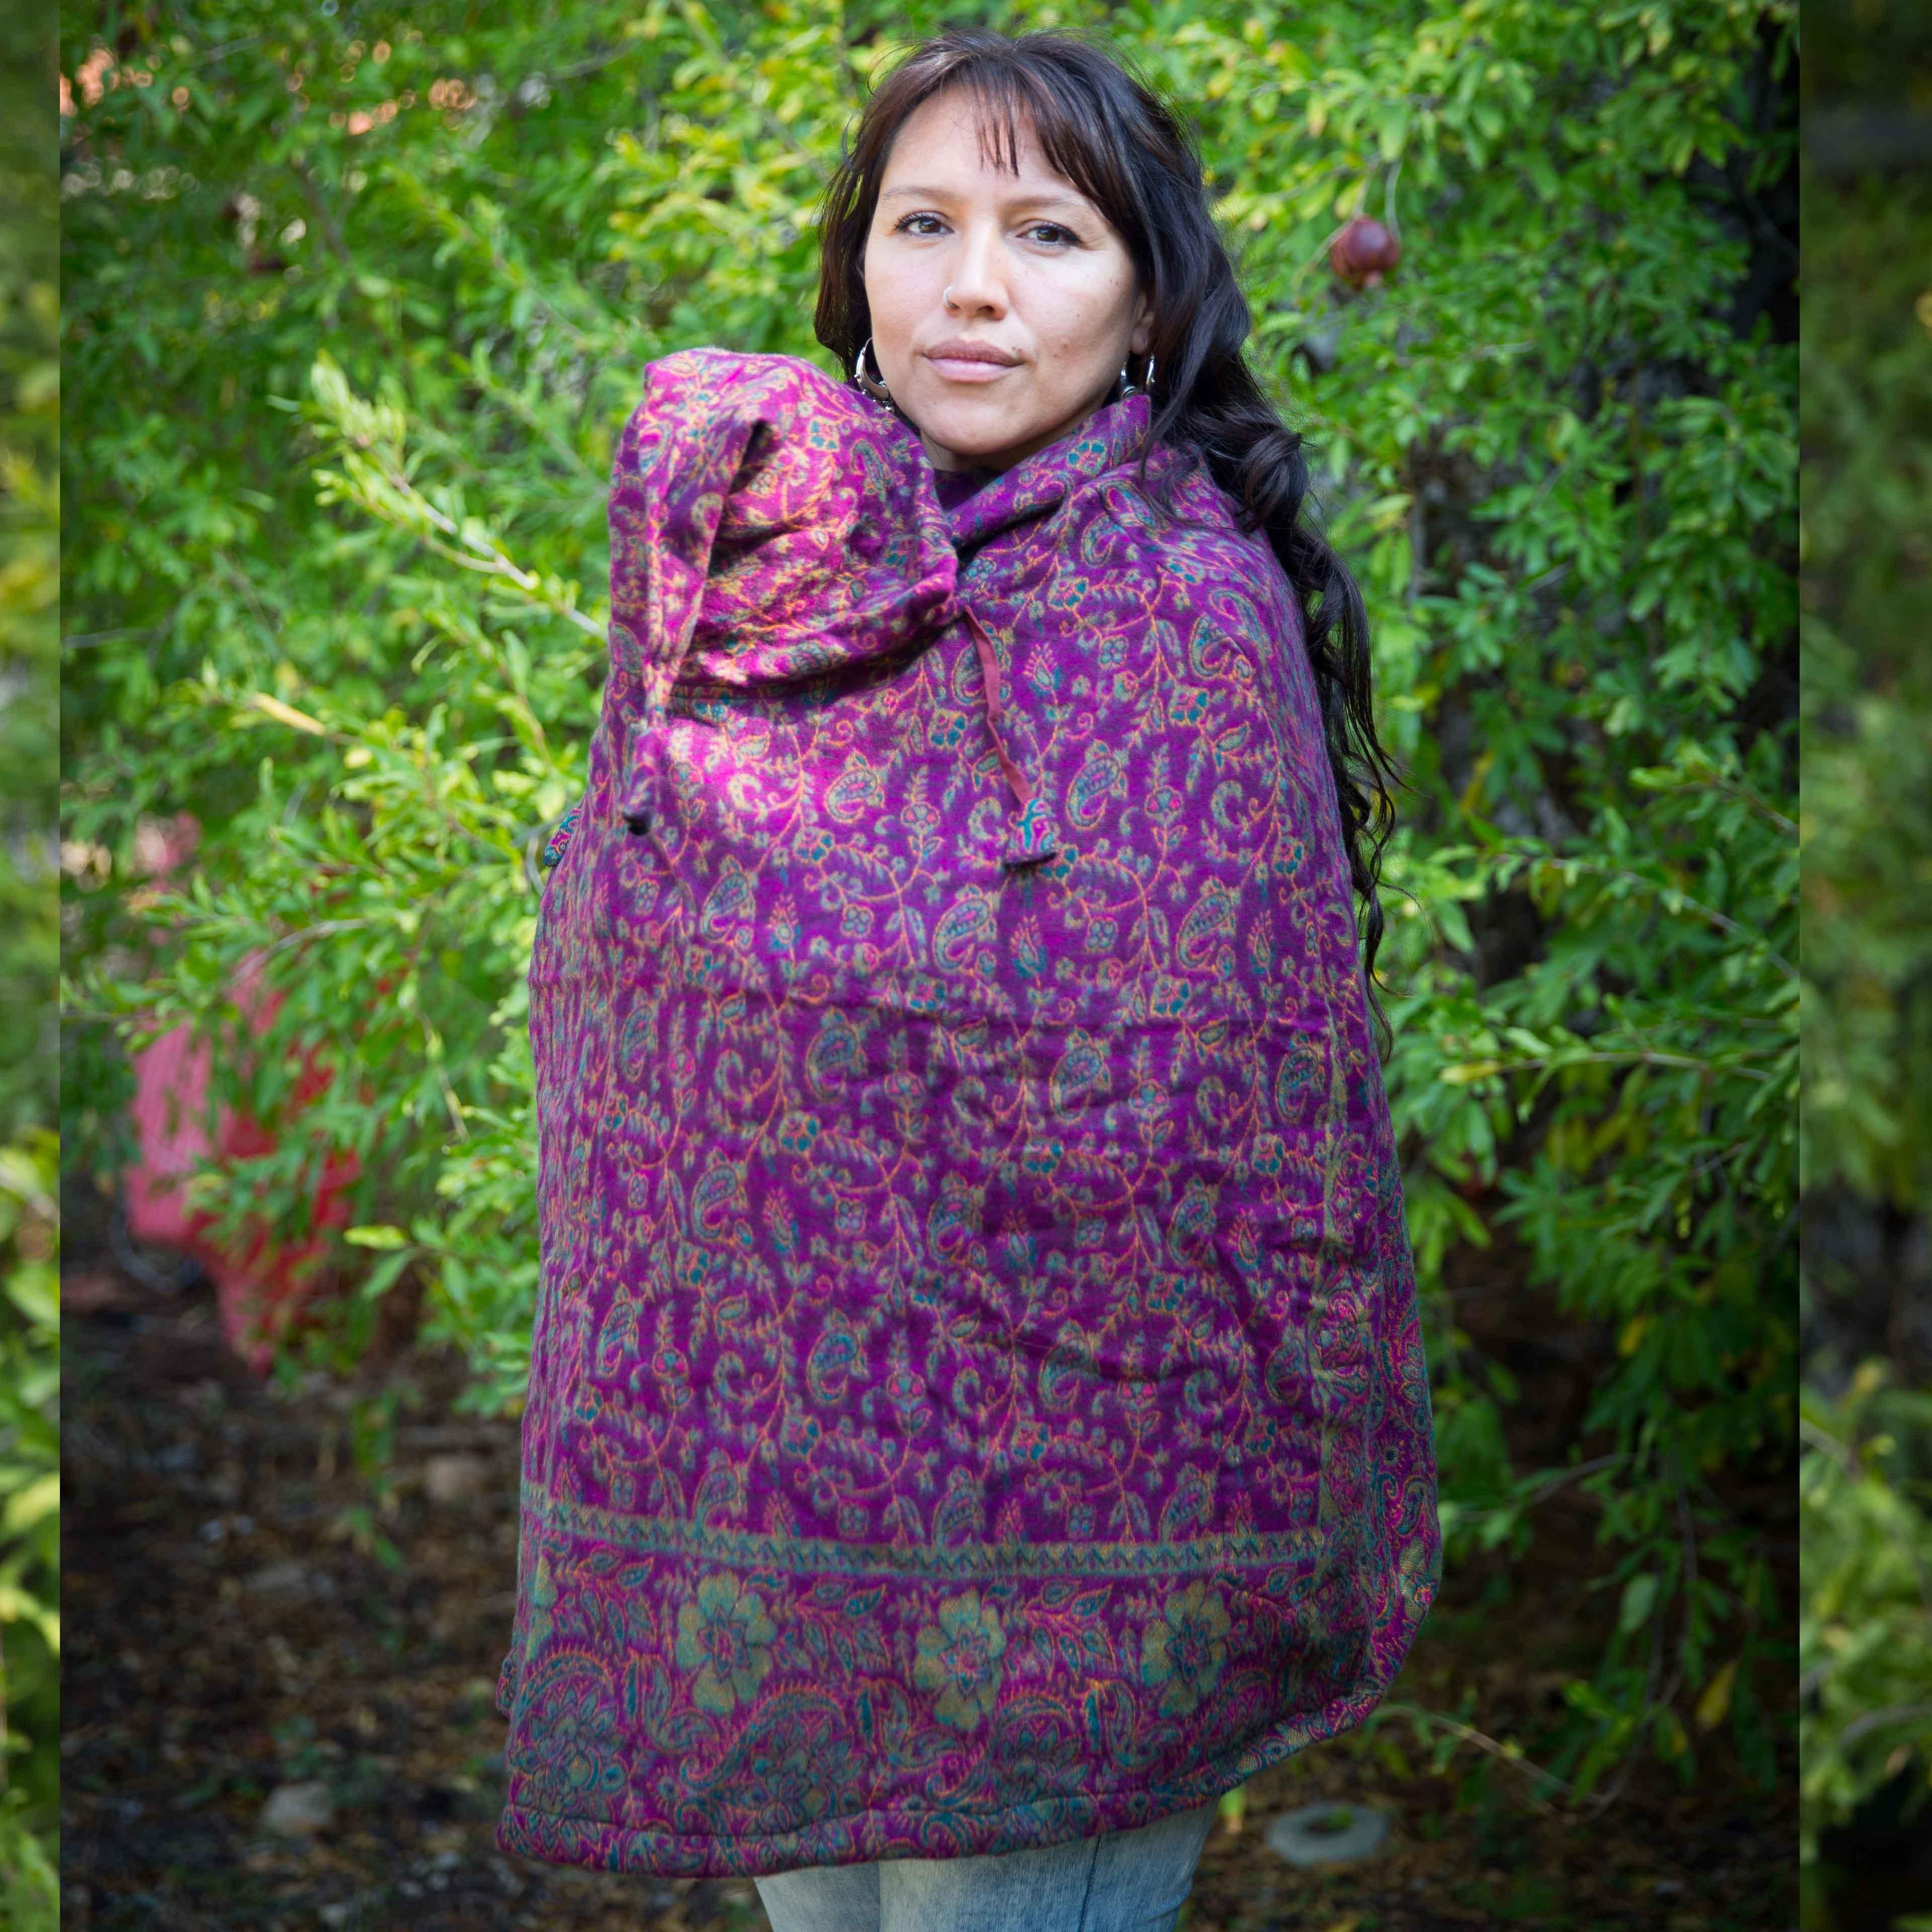 פונצ'ו Babywearing של רוצים משהו מהודו - בד שאל פוקסיה ירוק